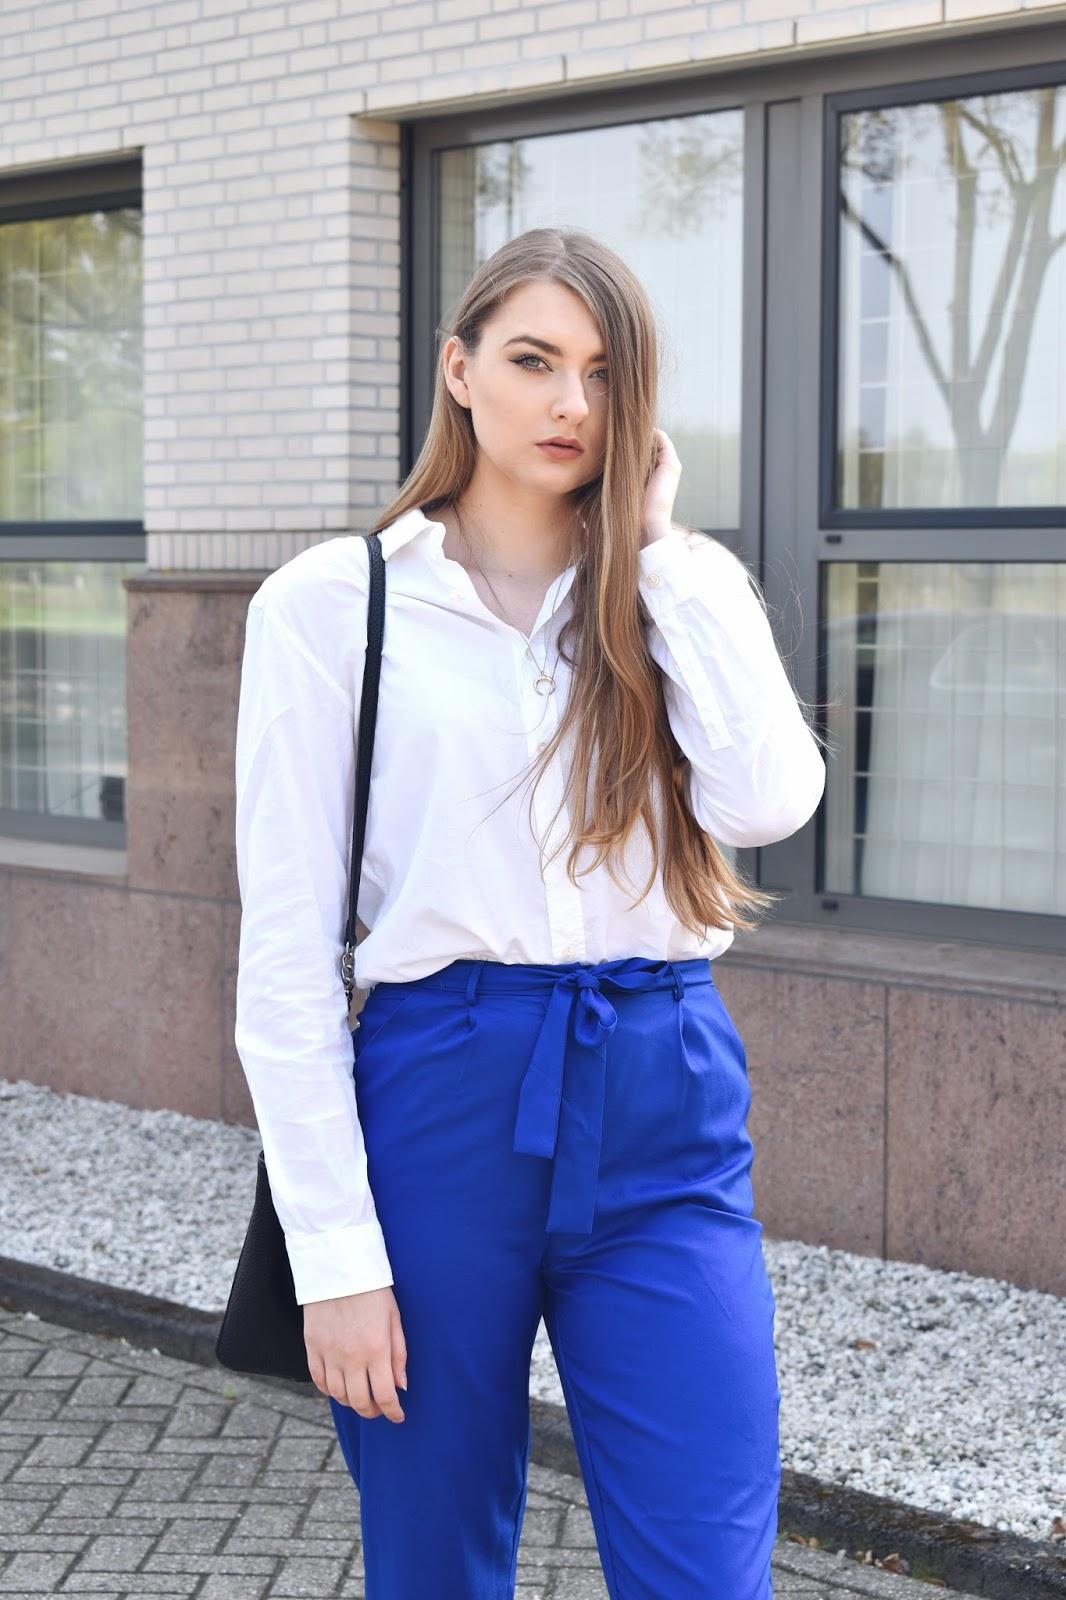 męska koszula w damskiej stylizacji